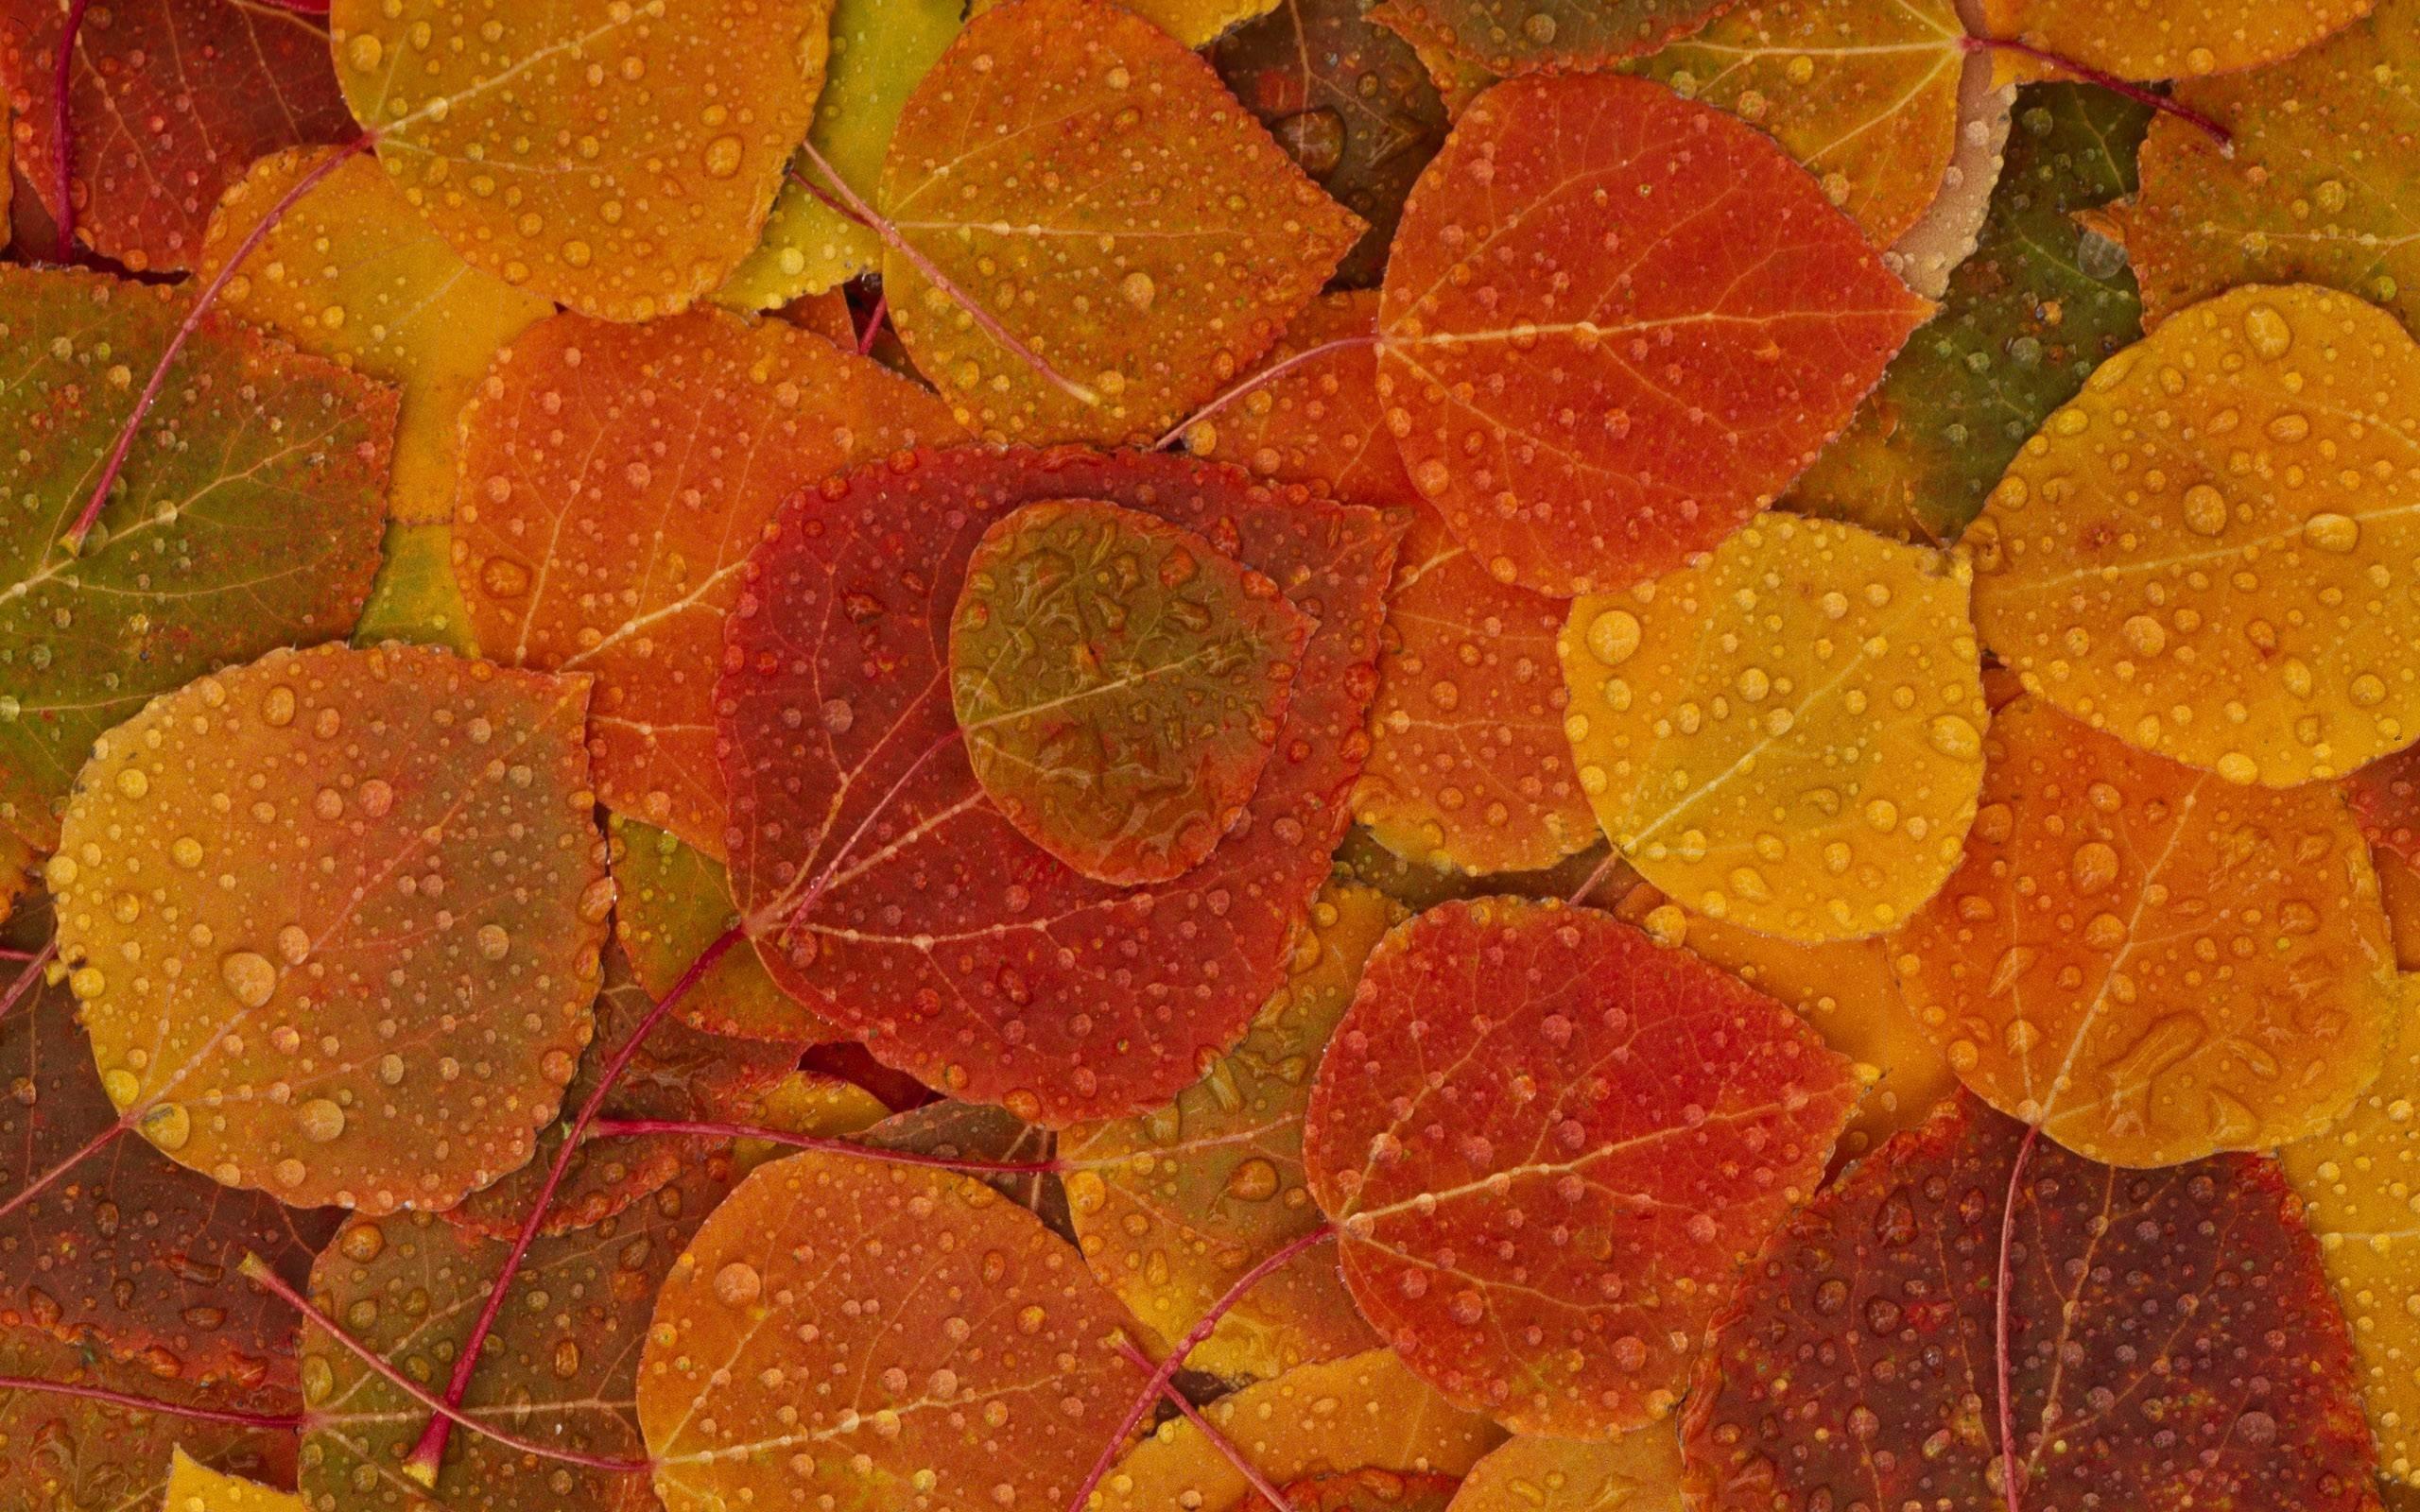 Water drops on leaves desktop wallpaper 15700